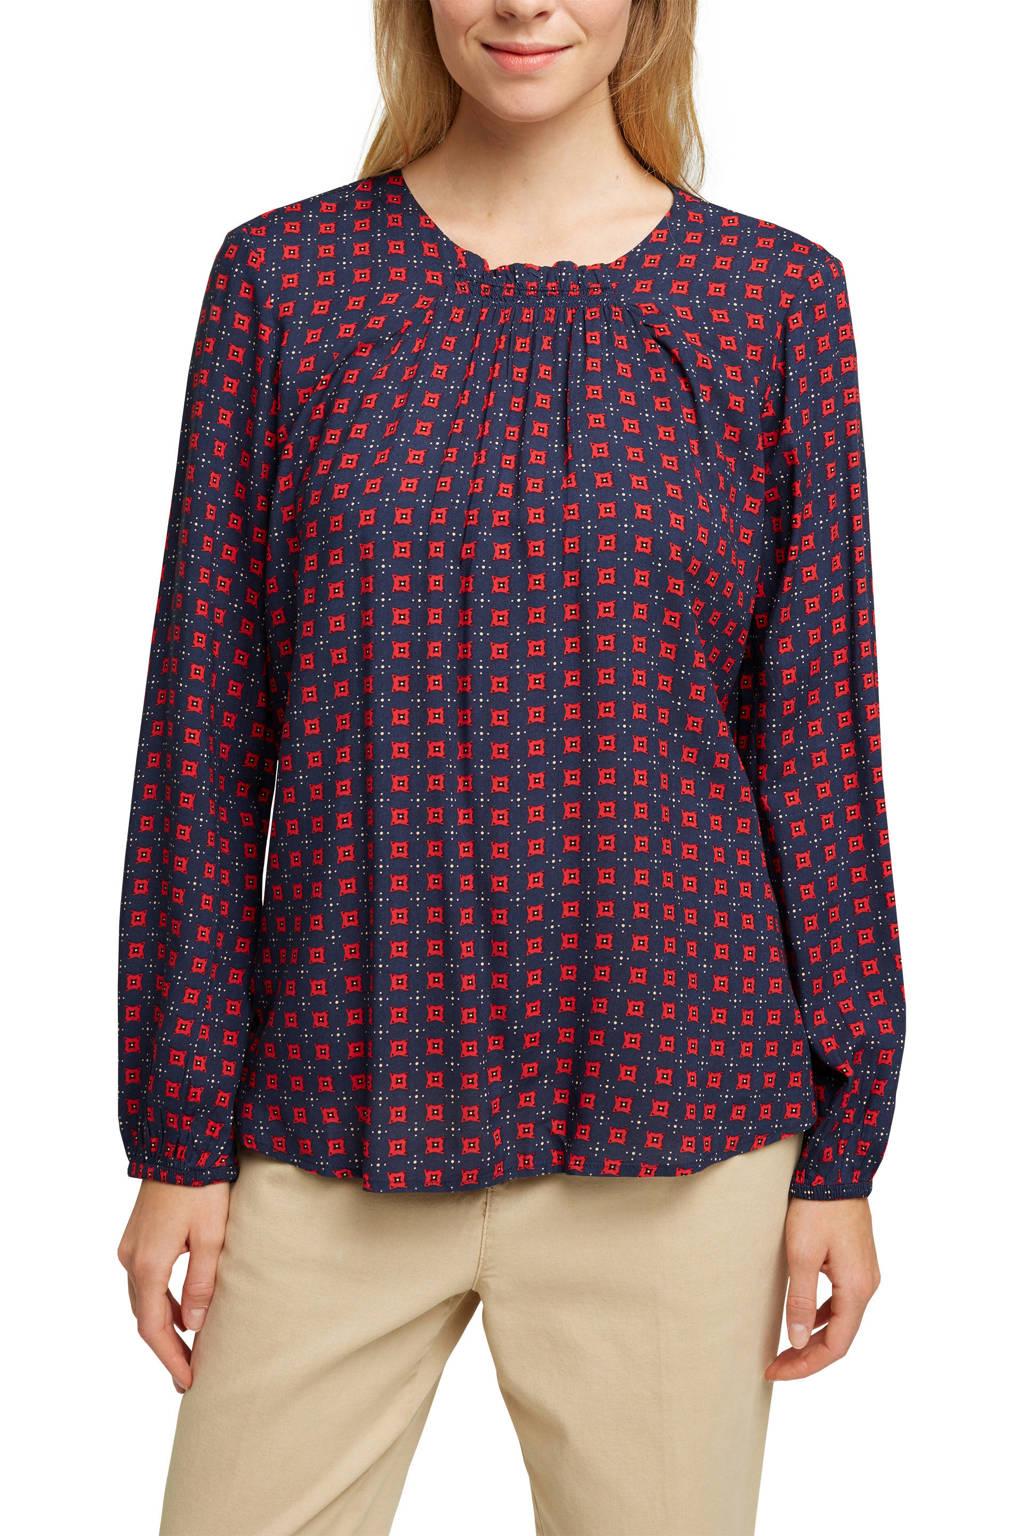 ESPRIT Women Casual top met all over print en open detail donkerblauw/rood, Donkerblauw/rood